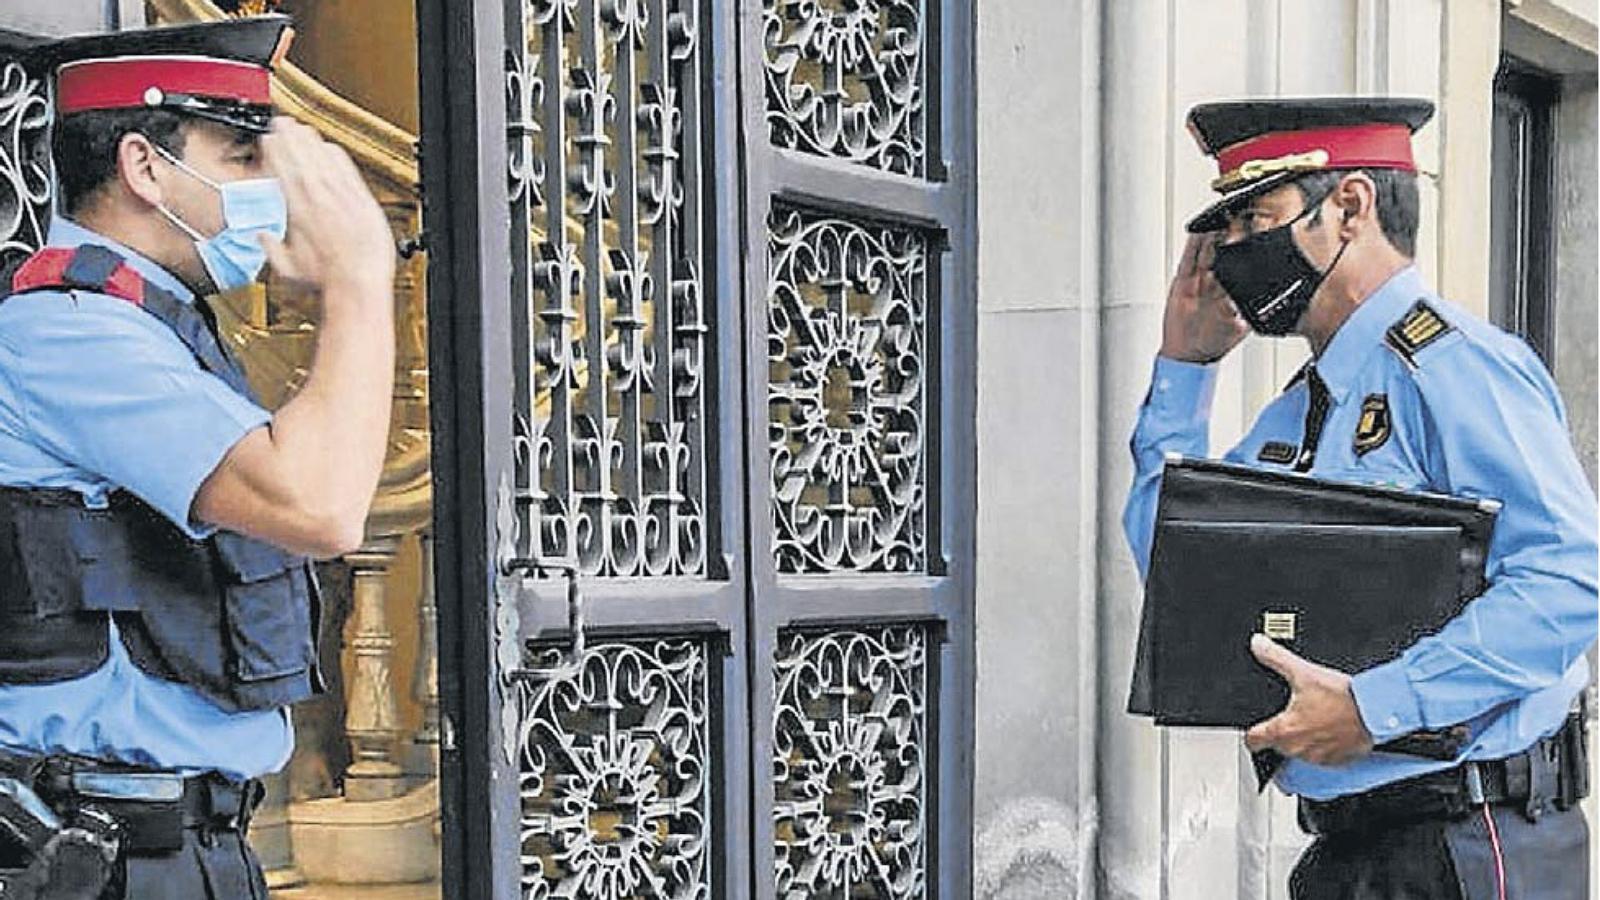 Trapero torna a liderar els Mossos i compareix aquest migdia; gairebé 600 malalts de covid-19 a les UCI; les eleccions del Barça, el 24 de gener: les claus del dia, amb Antoni Bassas (13/11/2020)